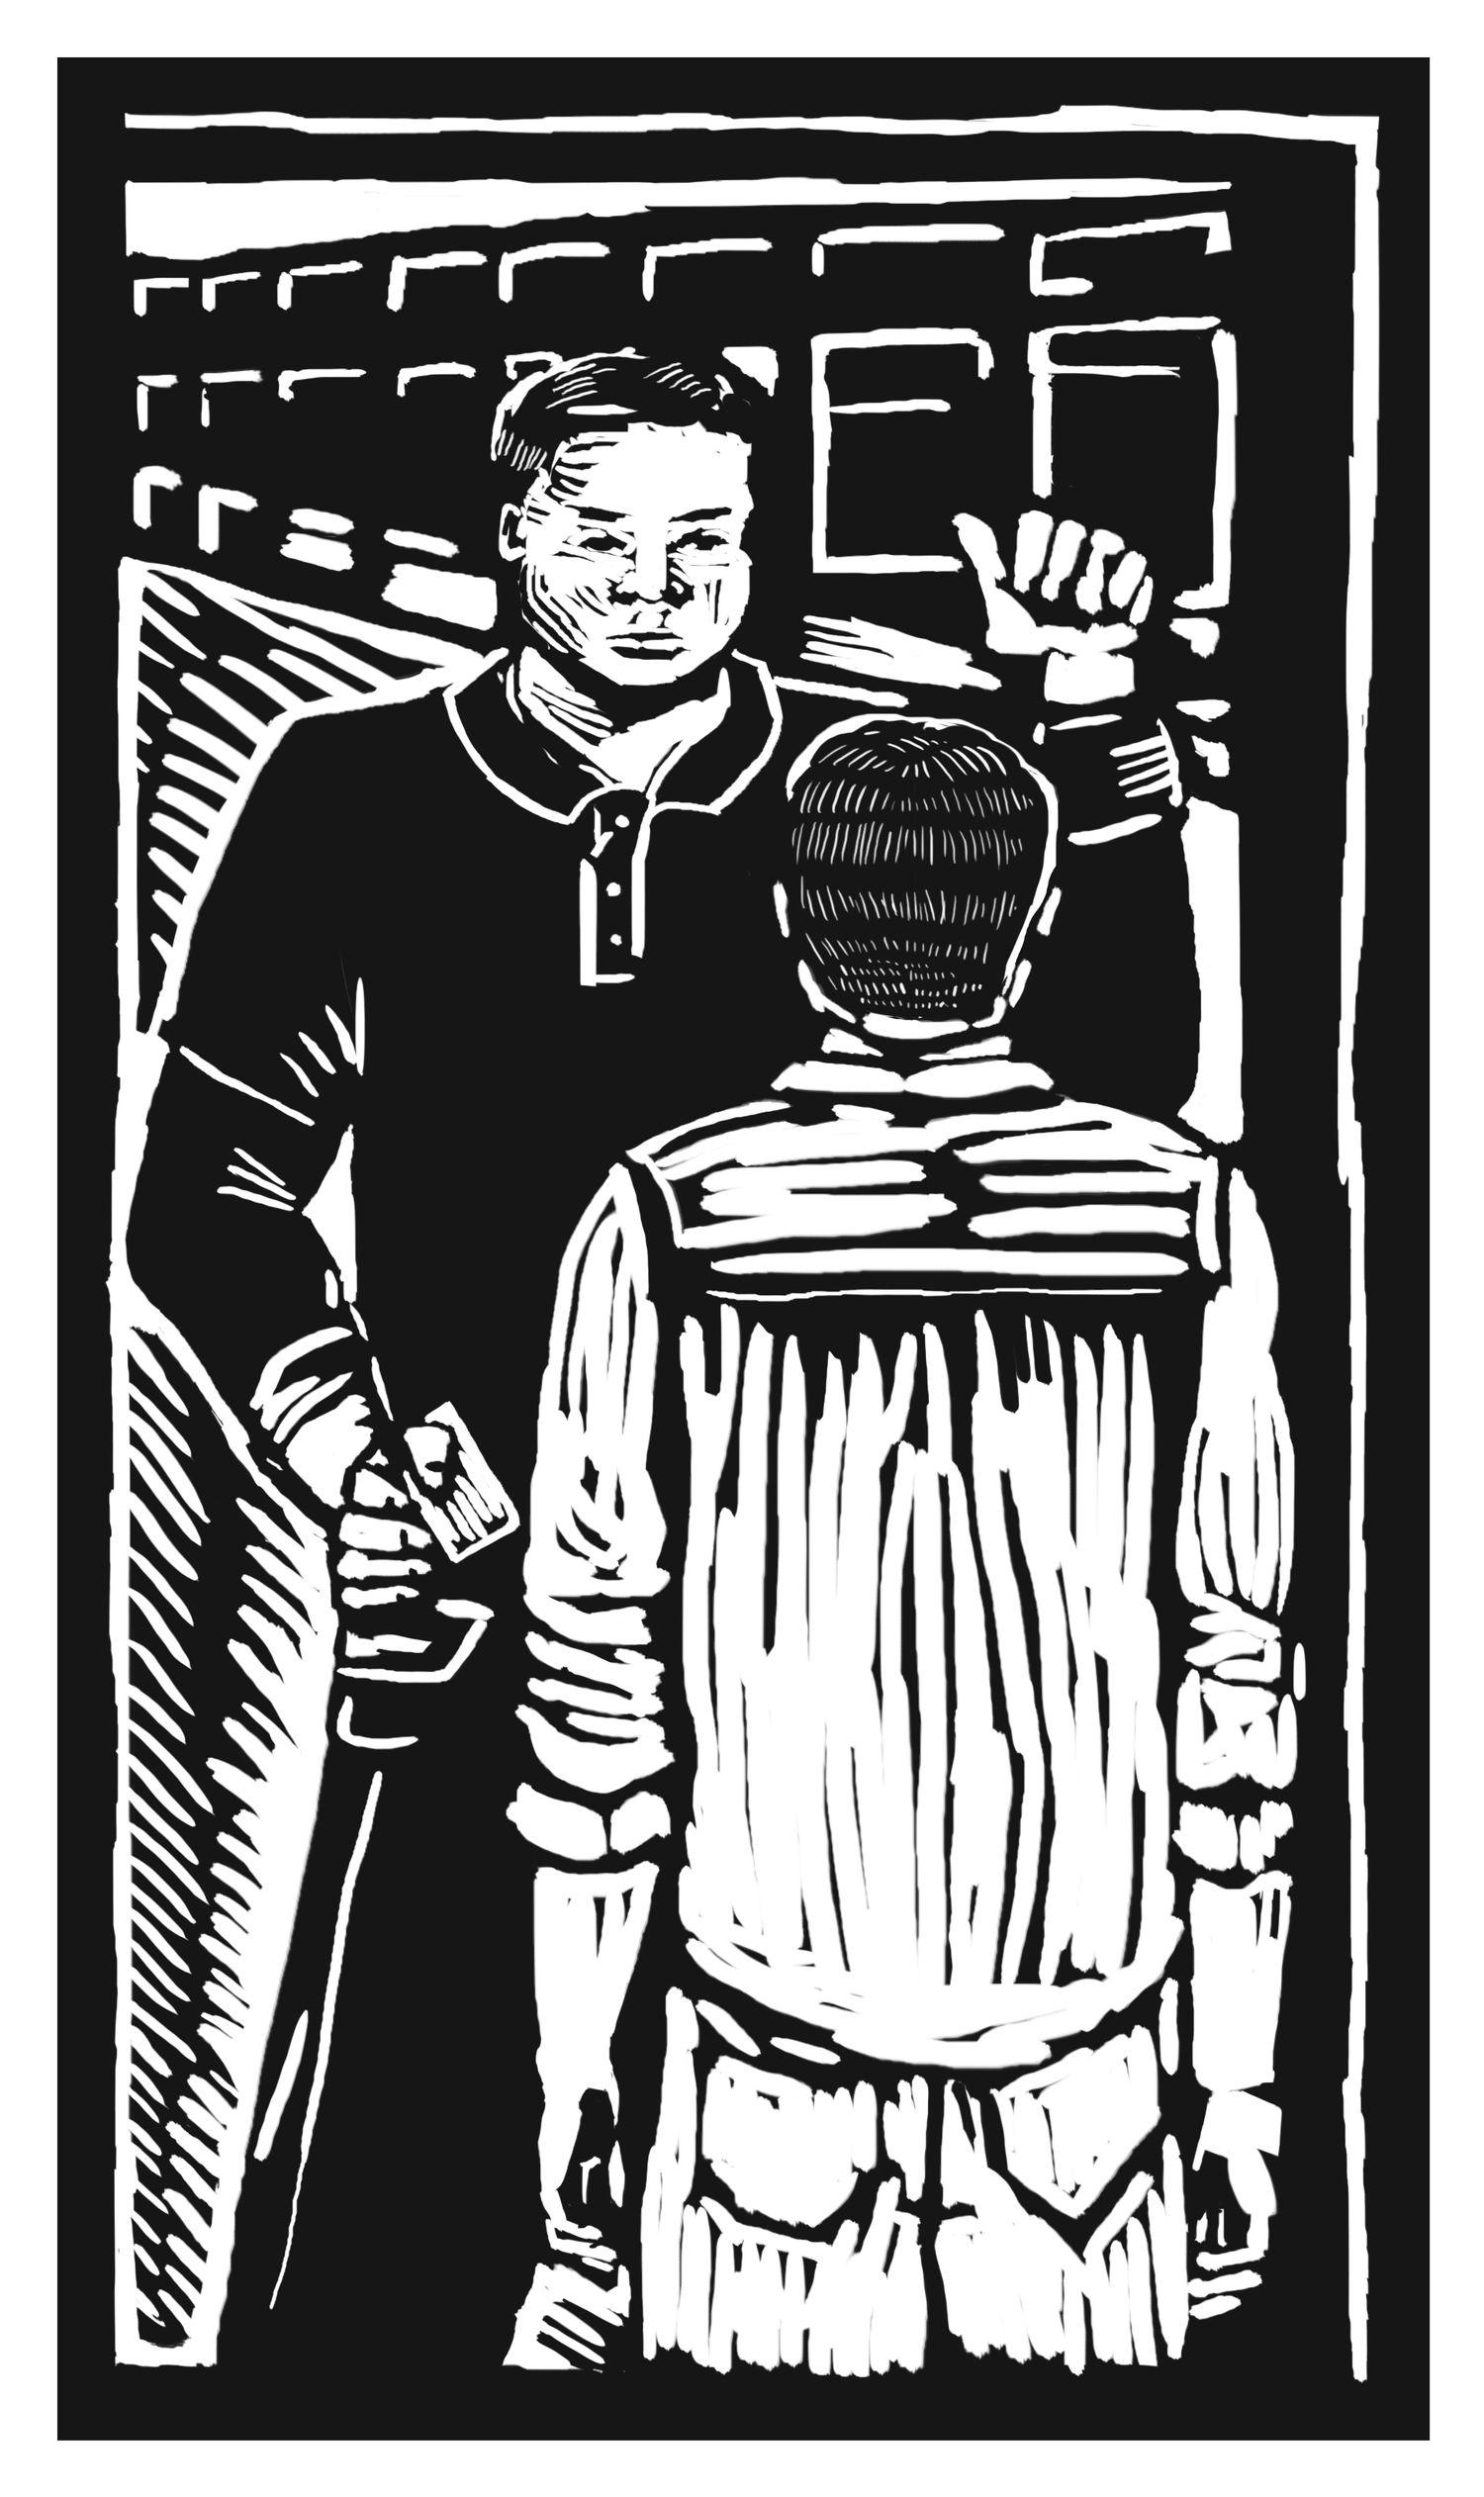 Ilustración de una escena de fábrica. Un supervisor revisa el documento de identidad de un obrero adolescente.